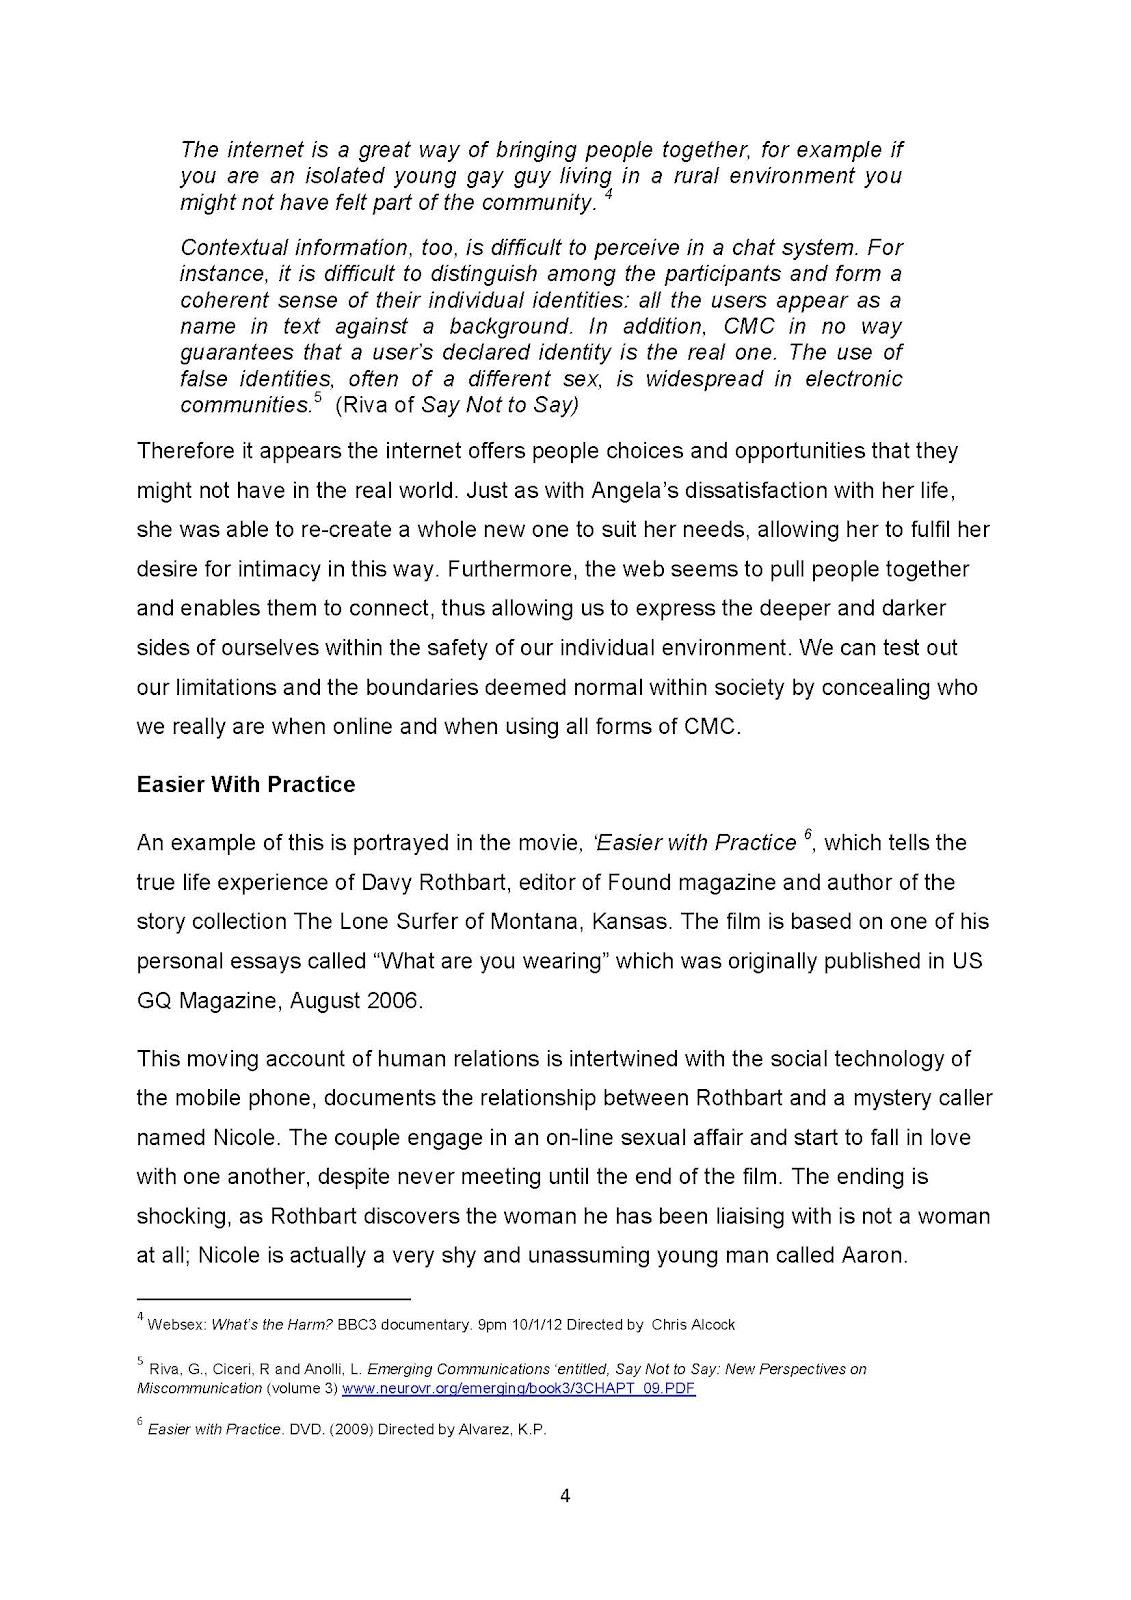 Brain Drain Essay 'Casual Intimacy' (Dissertation by Debra L Singh) Page  Brain Drain Essay